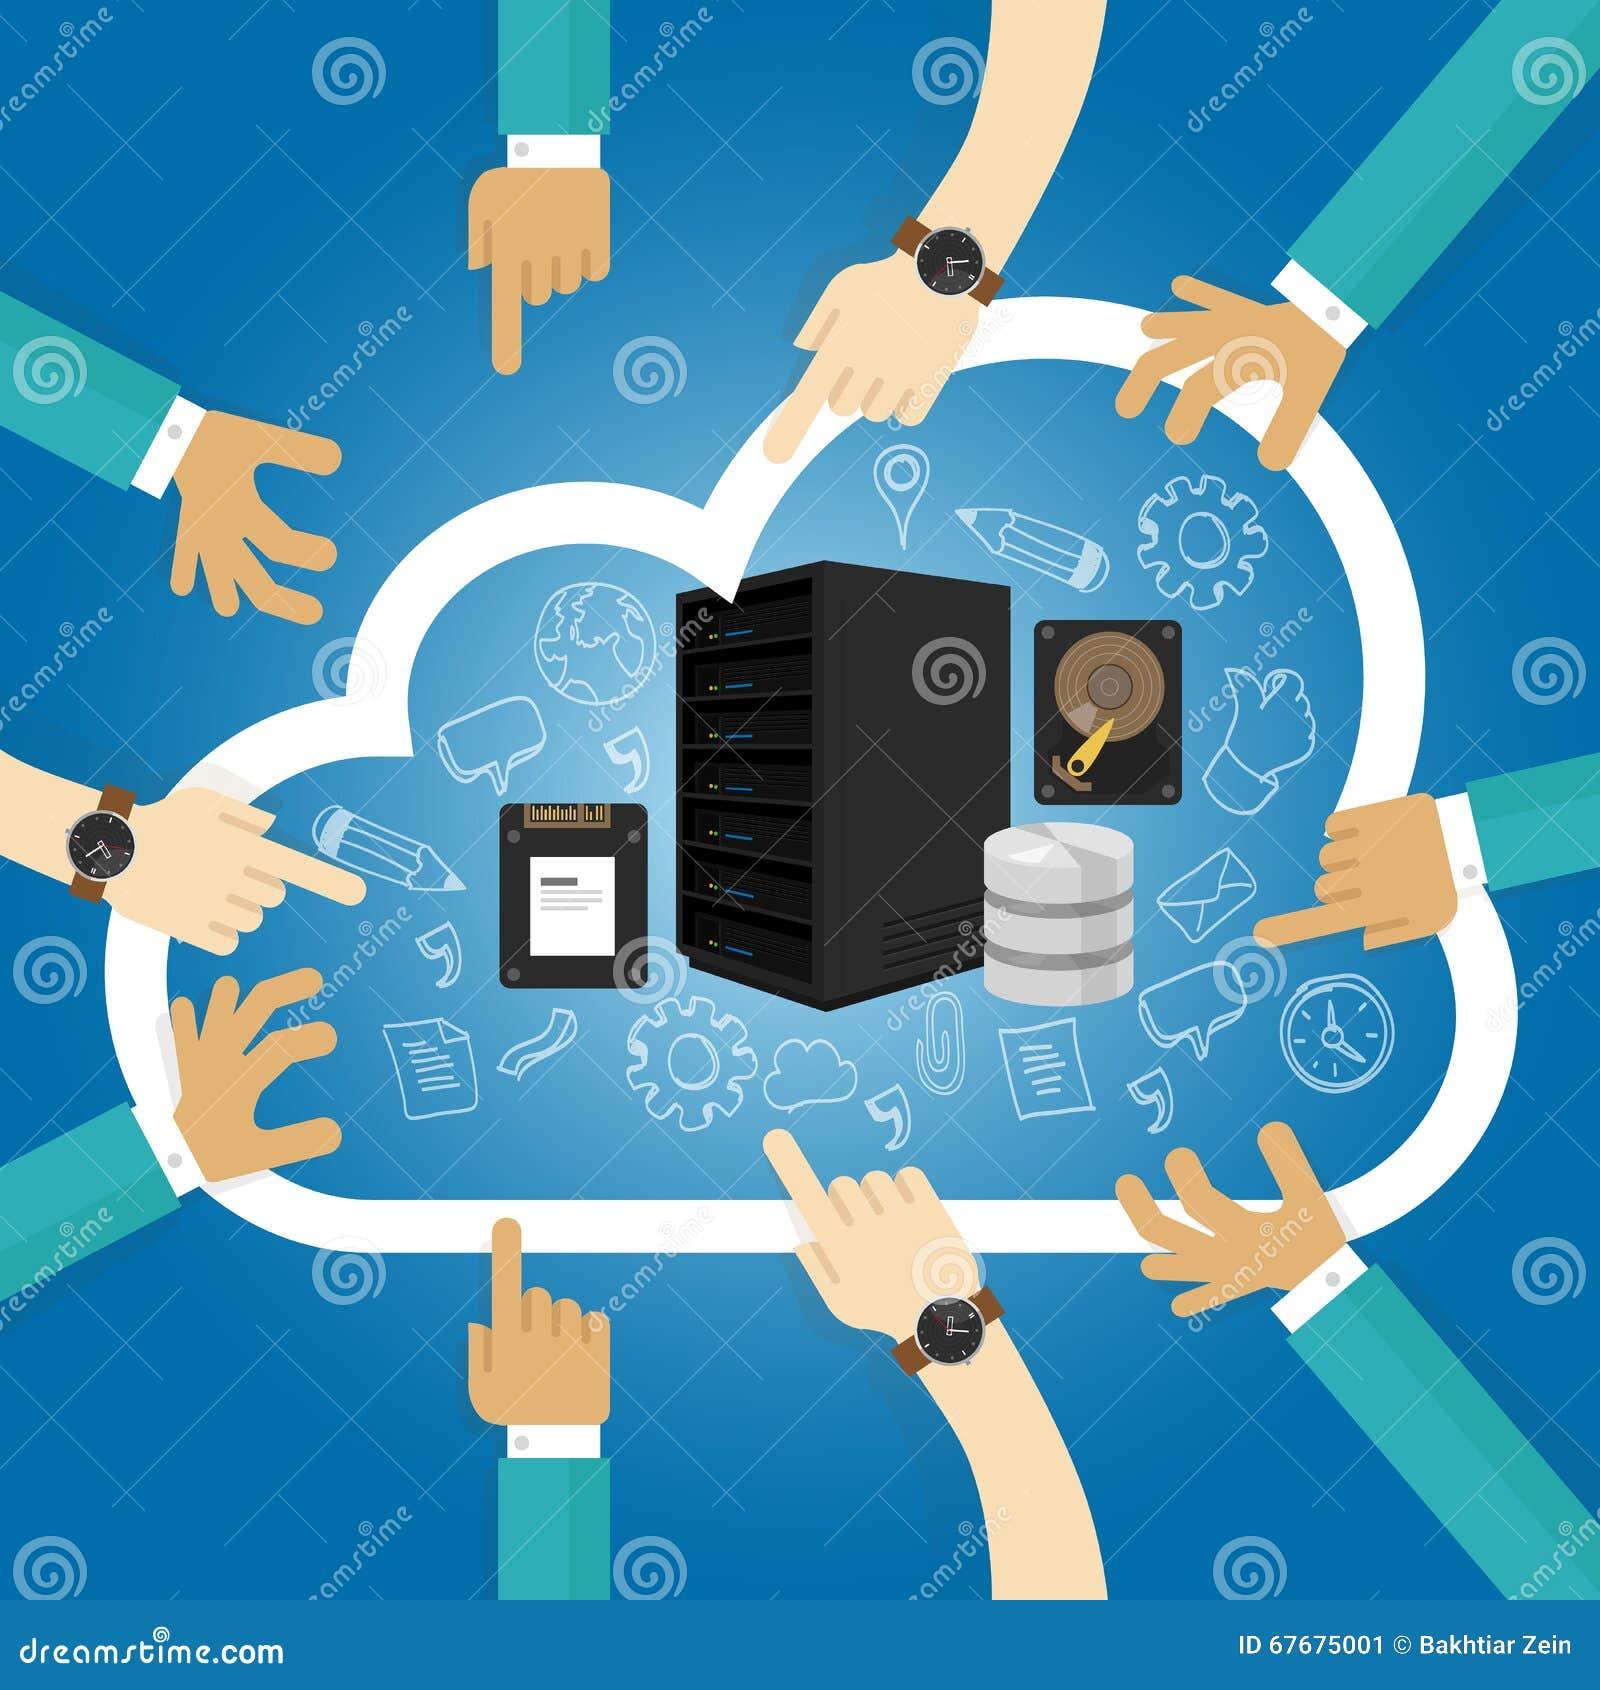 IaaS基础设施,服务分享了主持在云彩存贮数据库服务器虚拟化的硬件